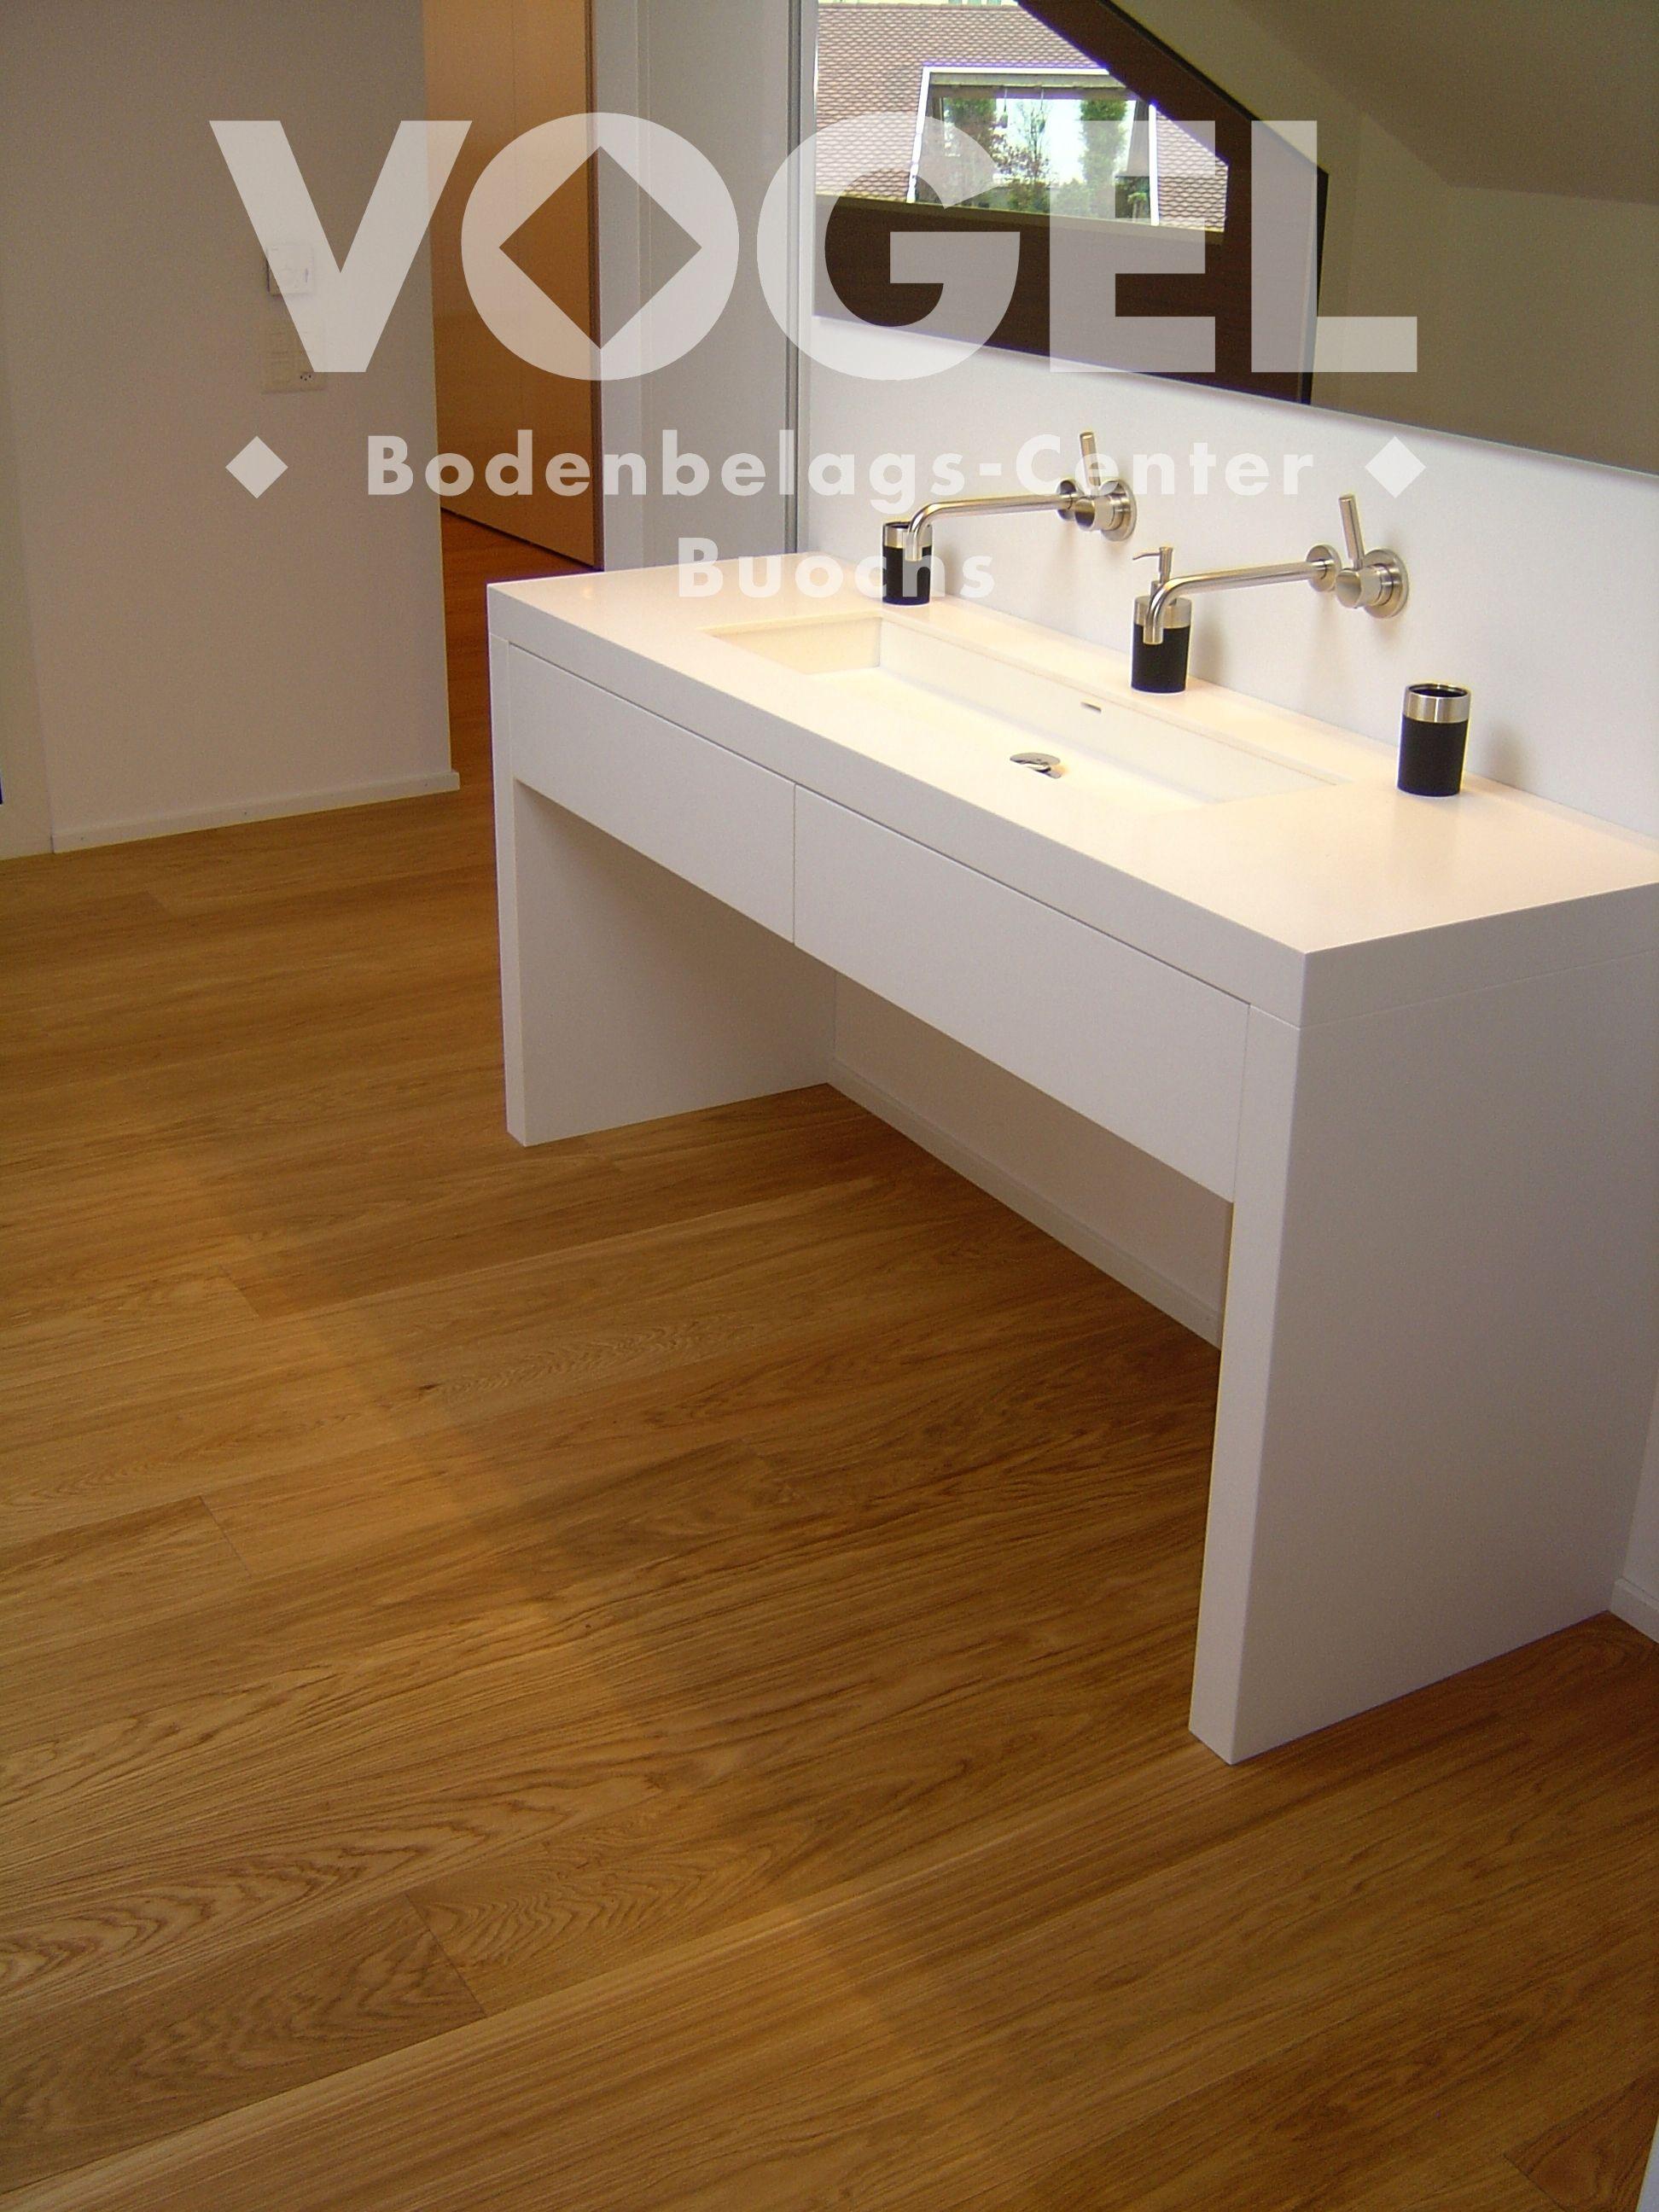 Admonter Eiche Geölt Parkett Boden Bad Bad Mit Dielen - Parkett im badezimmer